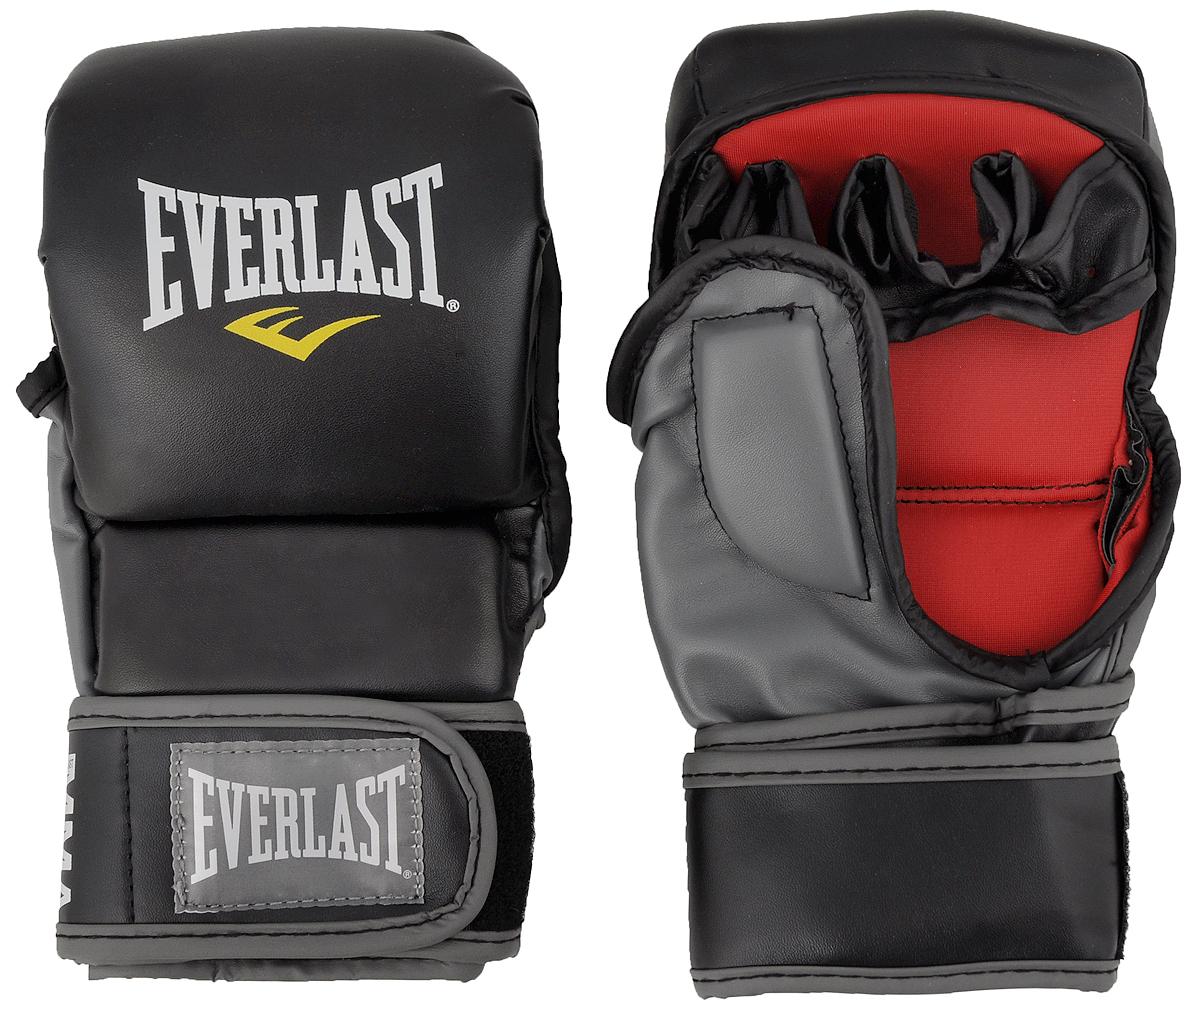 Перчатки тренировочные Everlast MMA Striking. Размер L/XL7773LXLUТренировочные перчатки Everlast MMA Striking используются для спарринга, отработки ударов и работы в партере. Высококачественный кожзаменитель наряду спревосходным дизайном гарантируют долговечность и функциональность перчаток. Обмотки с застежкой на липучке позволяют подогнать перчатки по размеру.Общая длина перчатки: 23 см.Ширина: 12 см.